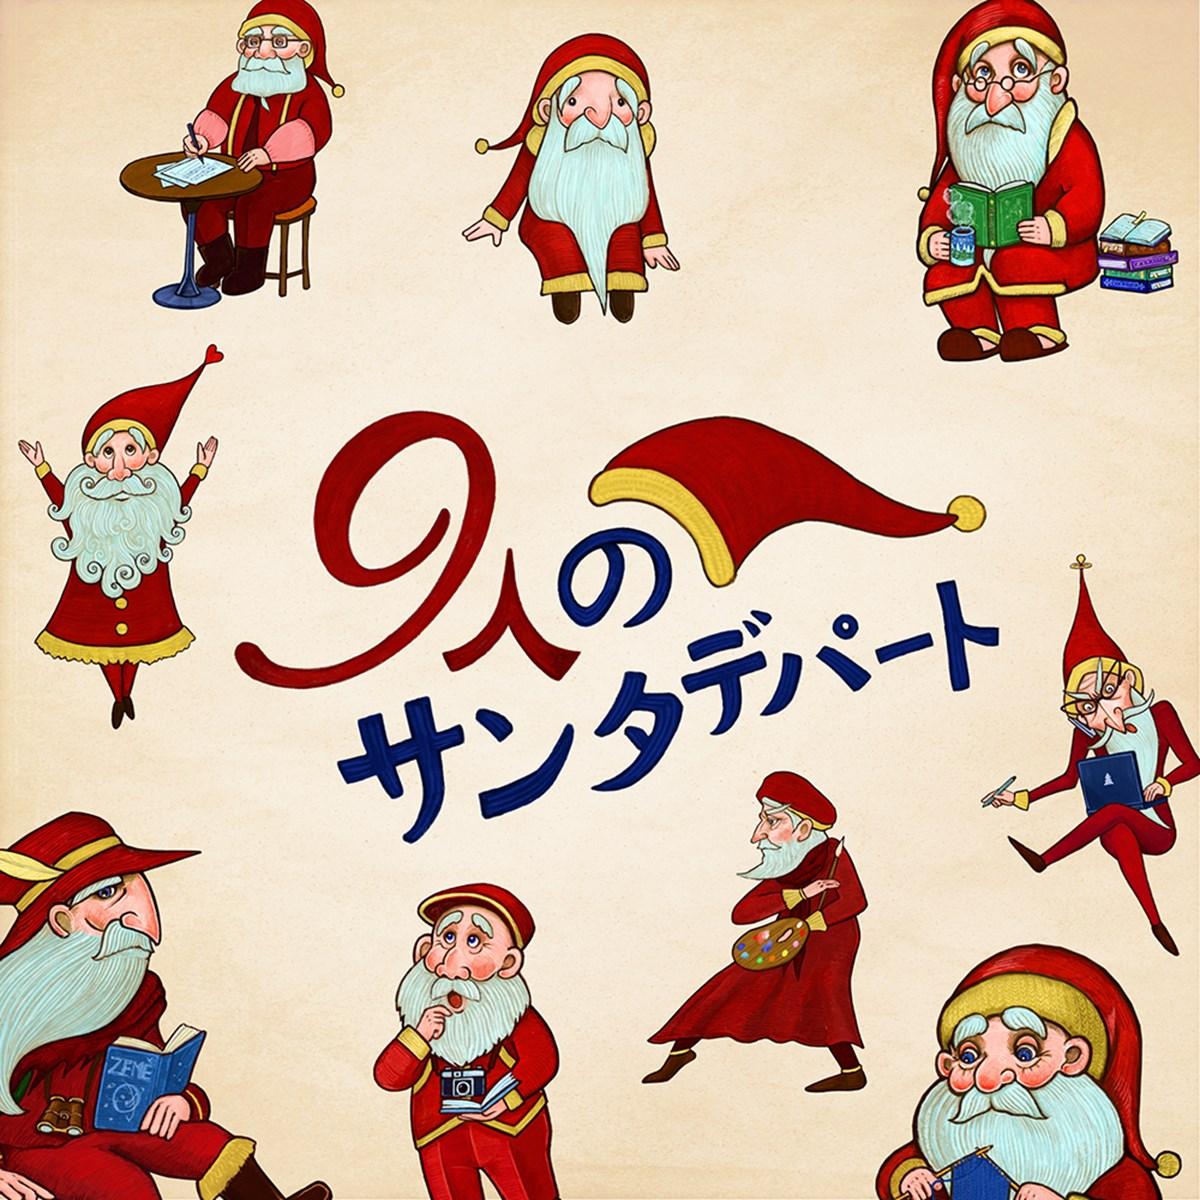 可愛すぎ!『梅田 蔦屋書店』の2020年クリスマスは9人のサンタがご案内